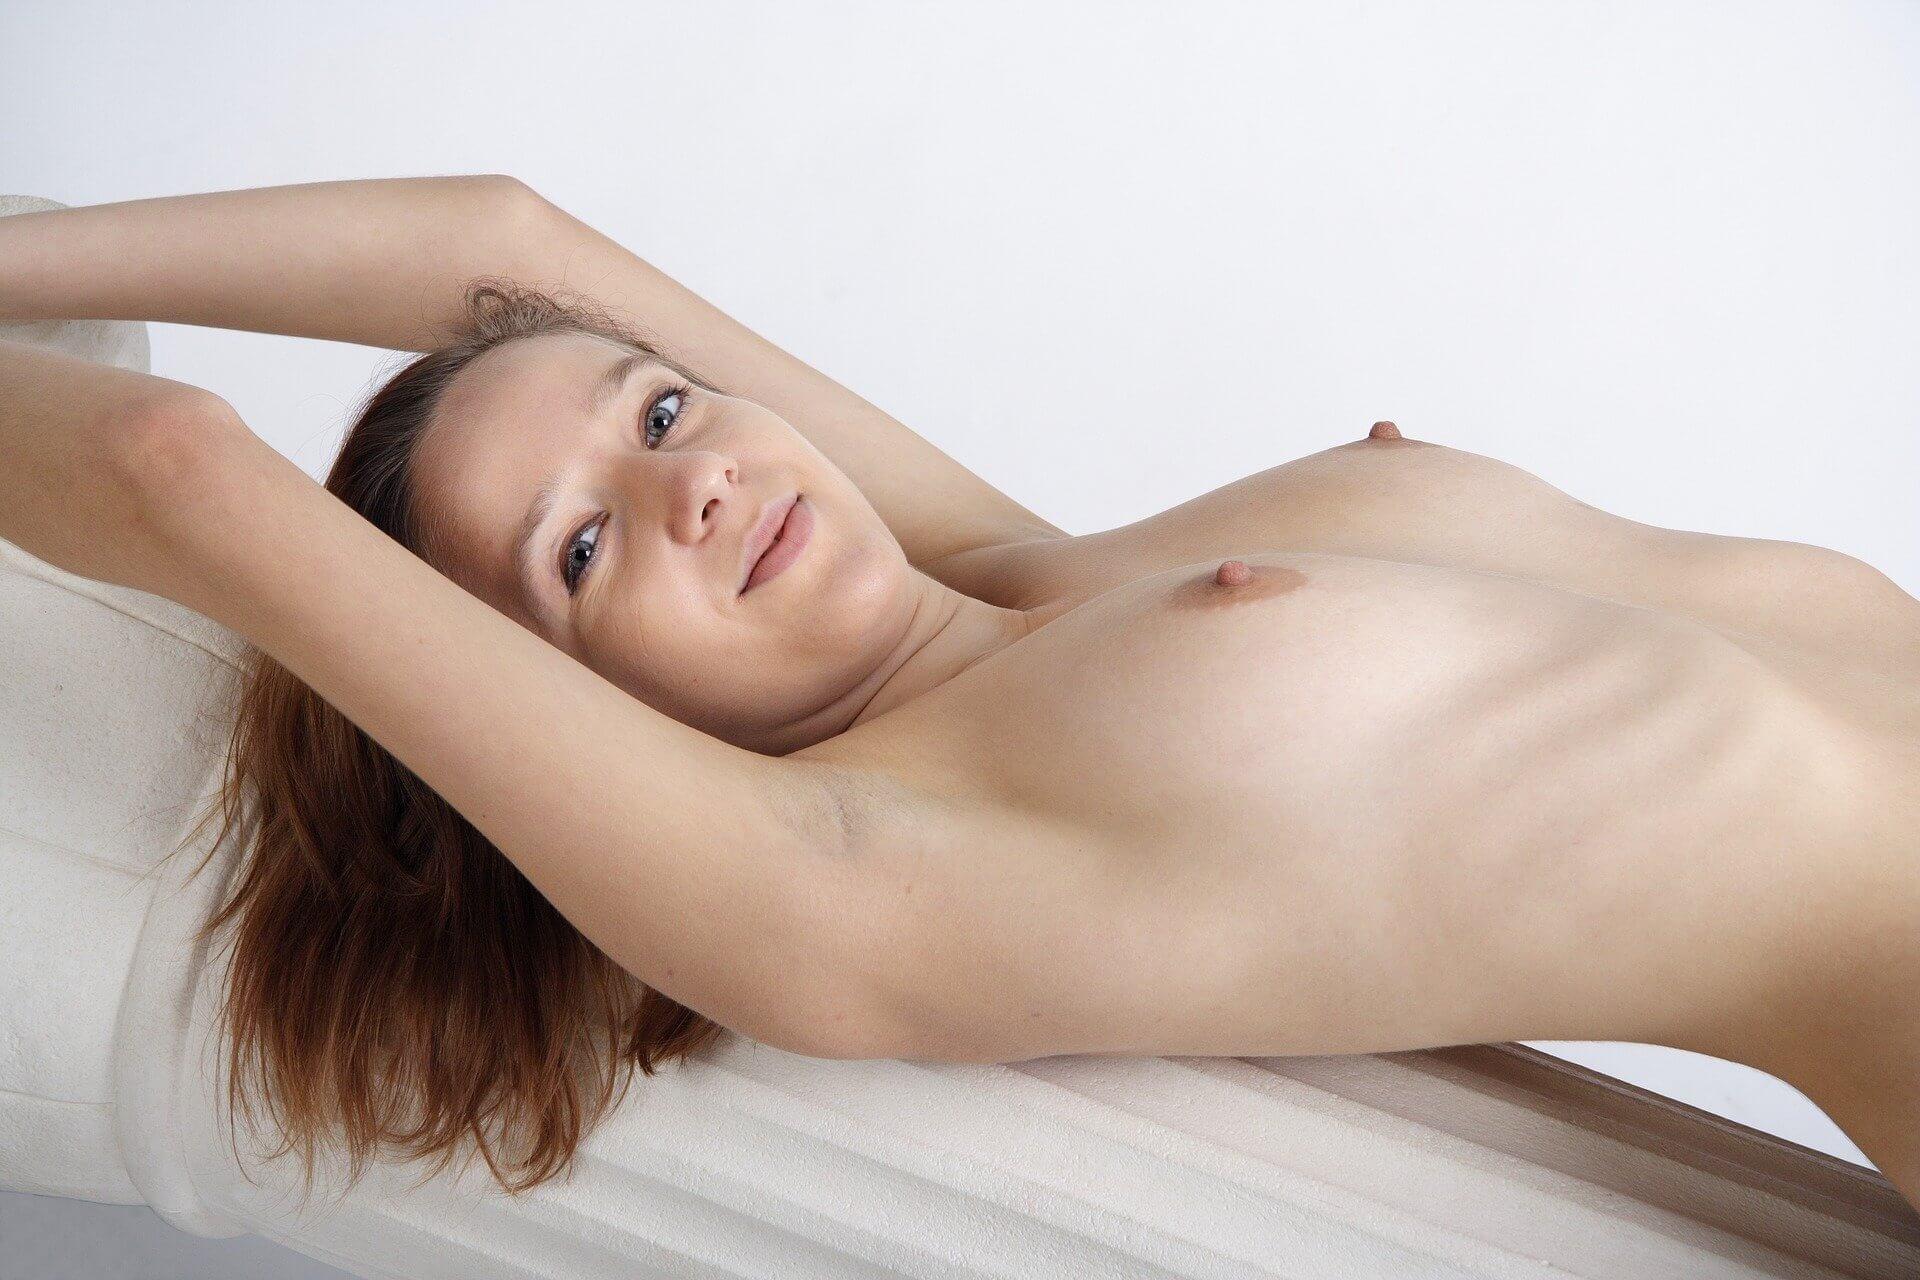 Pornodarstellerin werden Teen Top open